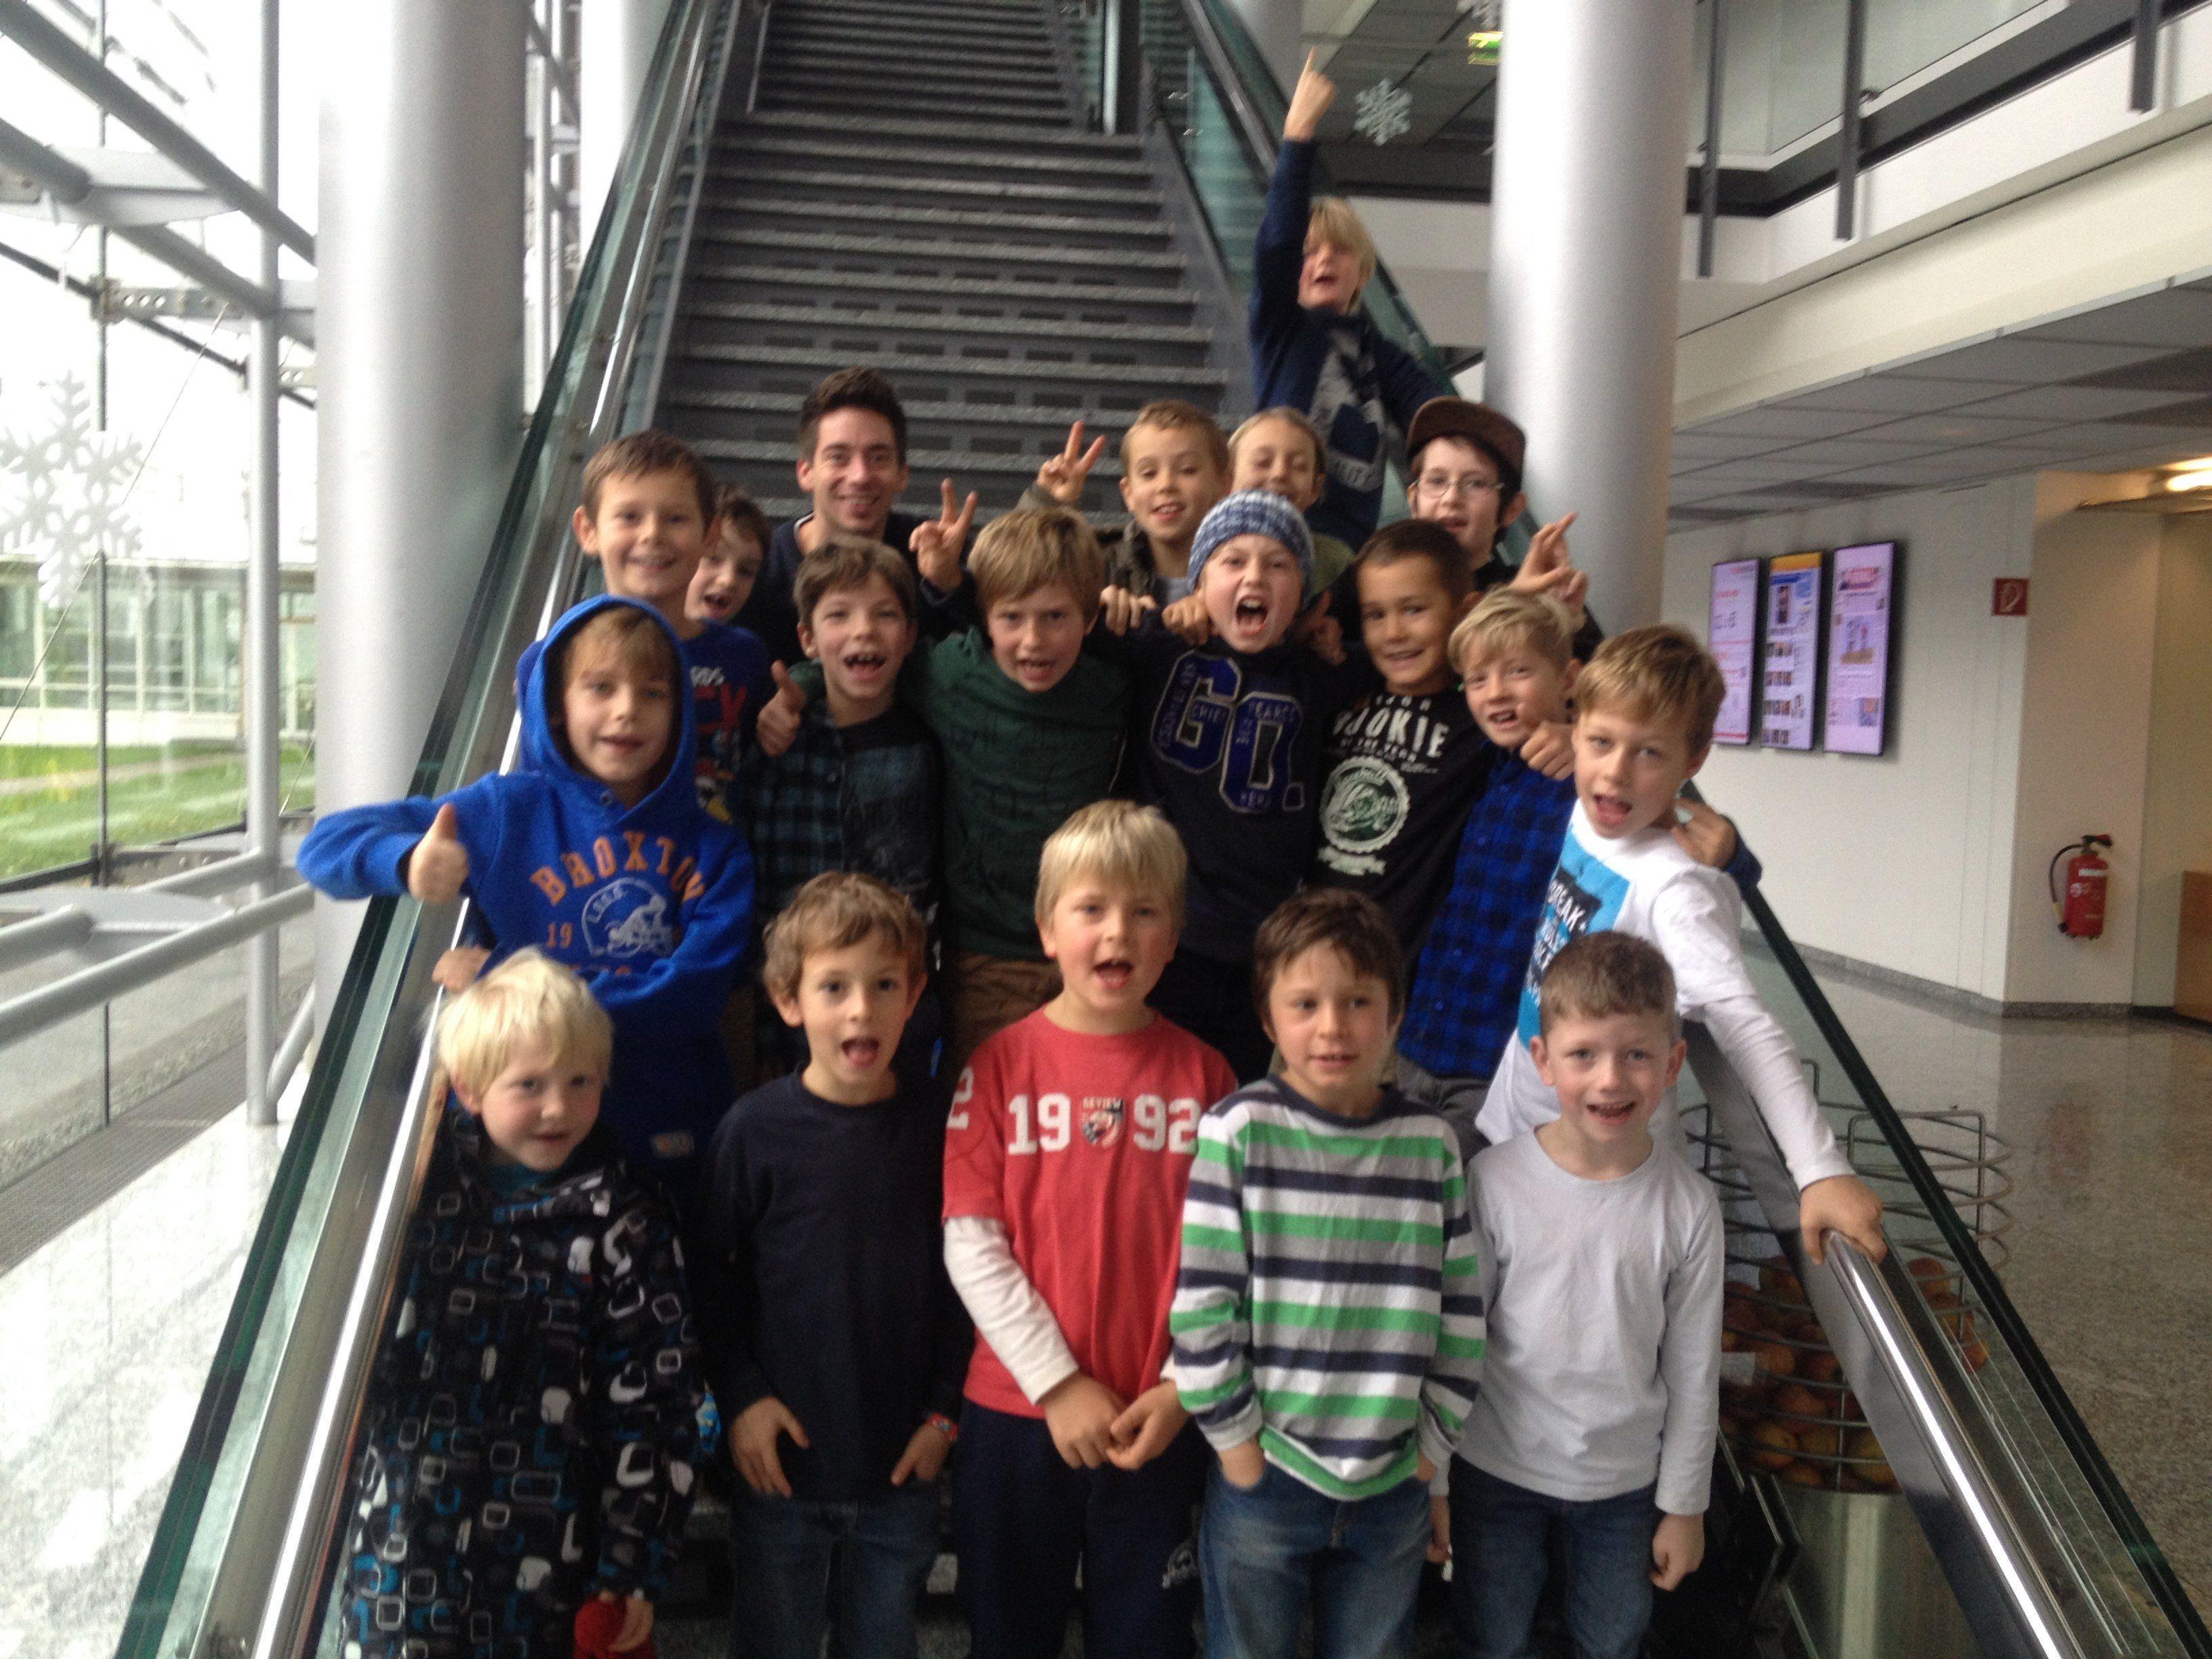 VS Marienberg Bregenz (1- bis 3. Klasse jahrgangsgemischt) mit 38 Schülern + 4 Begleitpersonen